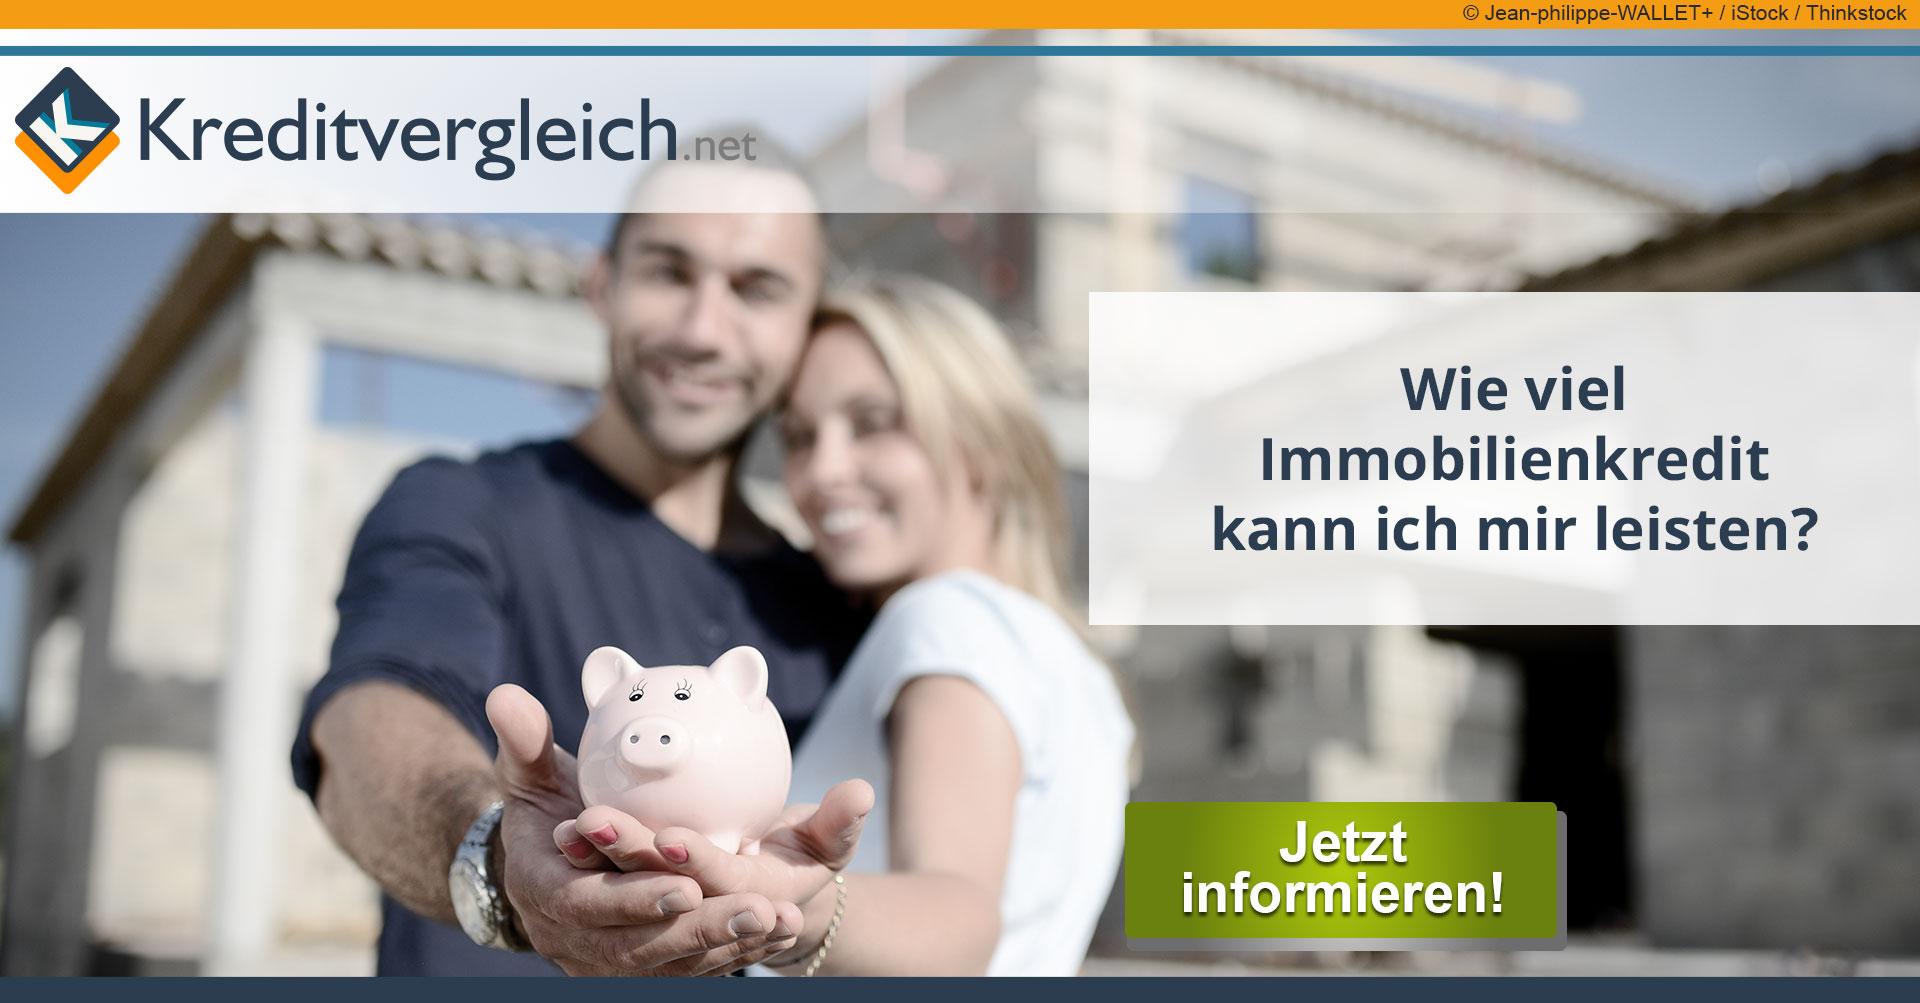 Wieviel Kredit Kann Ich Mir Leisten Hauskauf : wie viel kredit kann ich mir leisten ~ Lizthompson.info Haus und Dekorationen